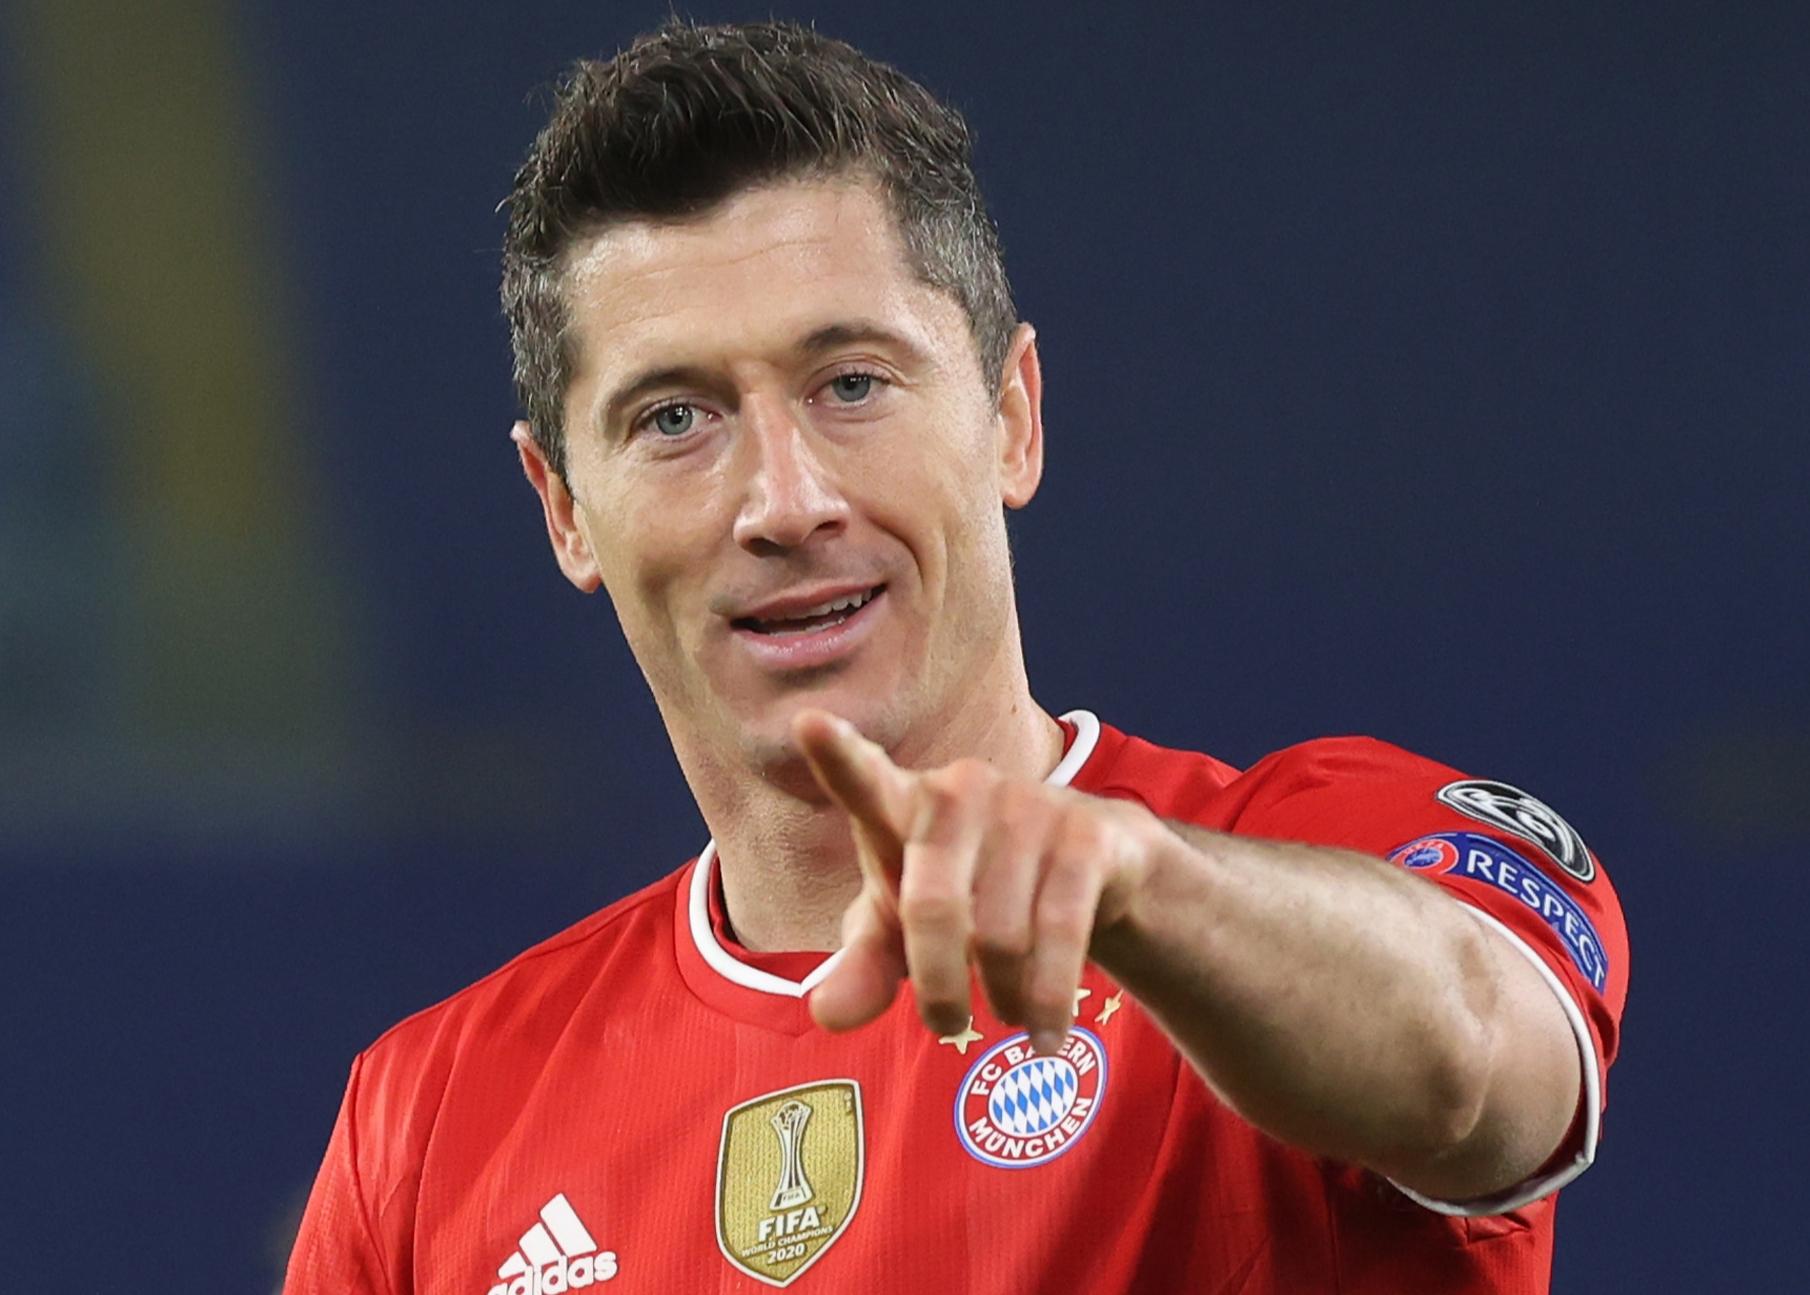 Lewandowski yaci kwallaye uku yayin da Bayern Munich ta lallasa Dortmund daci 4-2